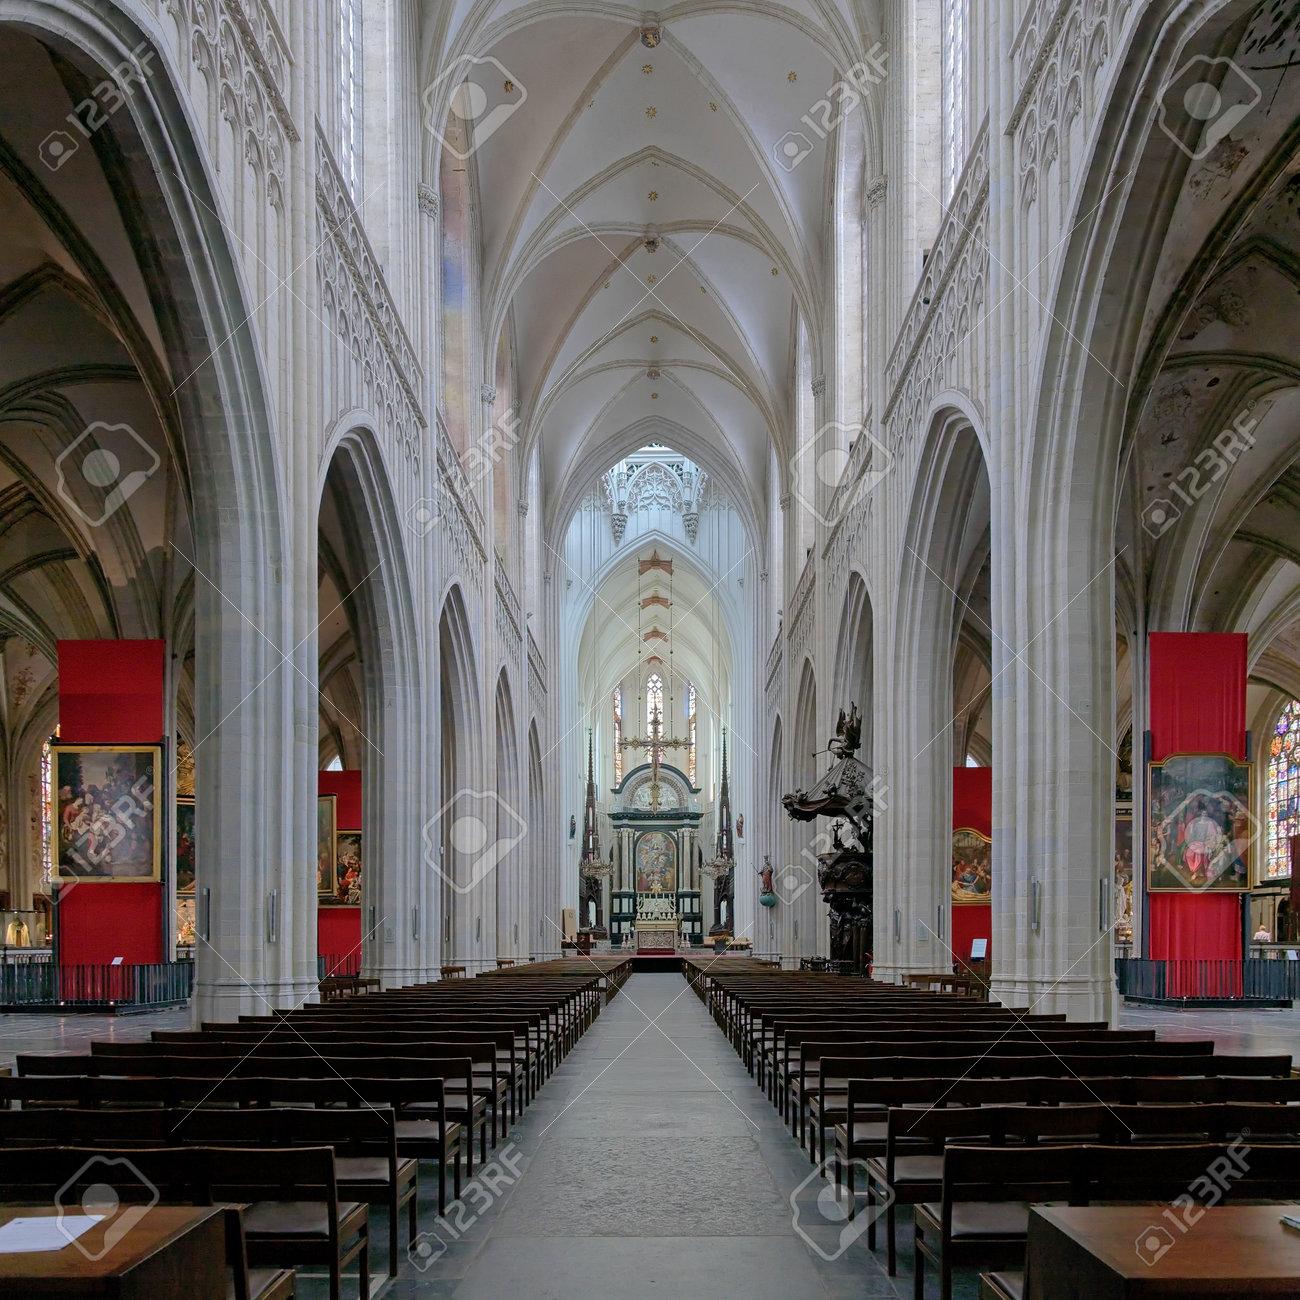 interieur van de kathedraal van onze lieve vrouw in antwerpen belgi stockfoto 23466486